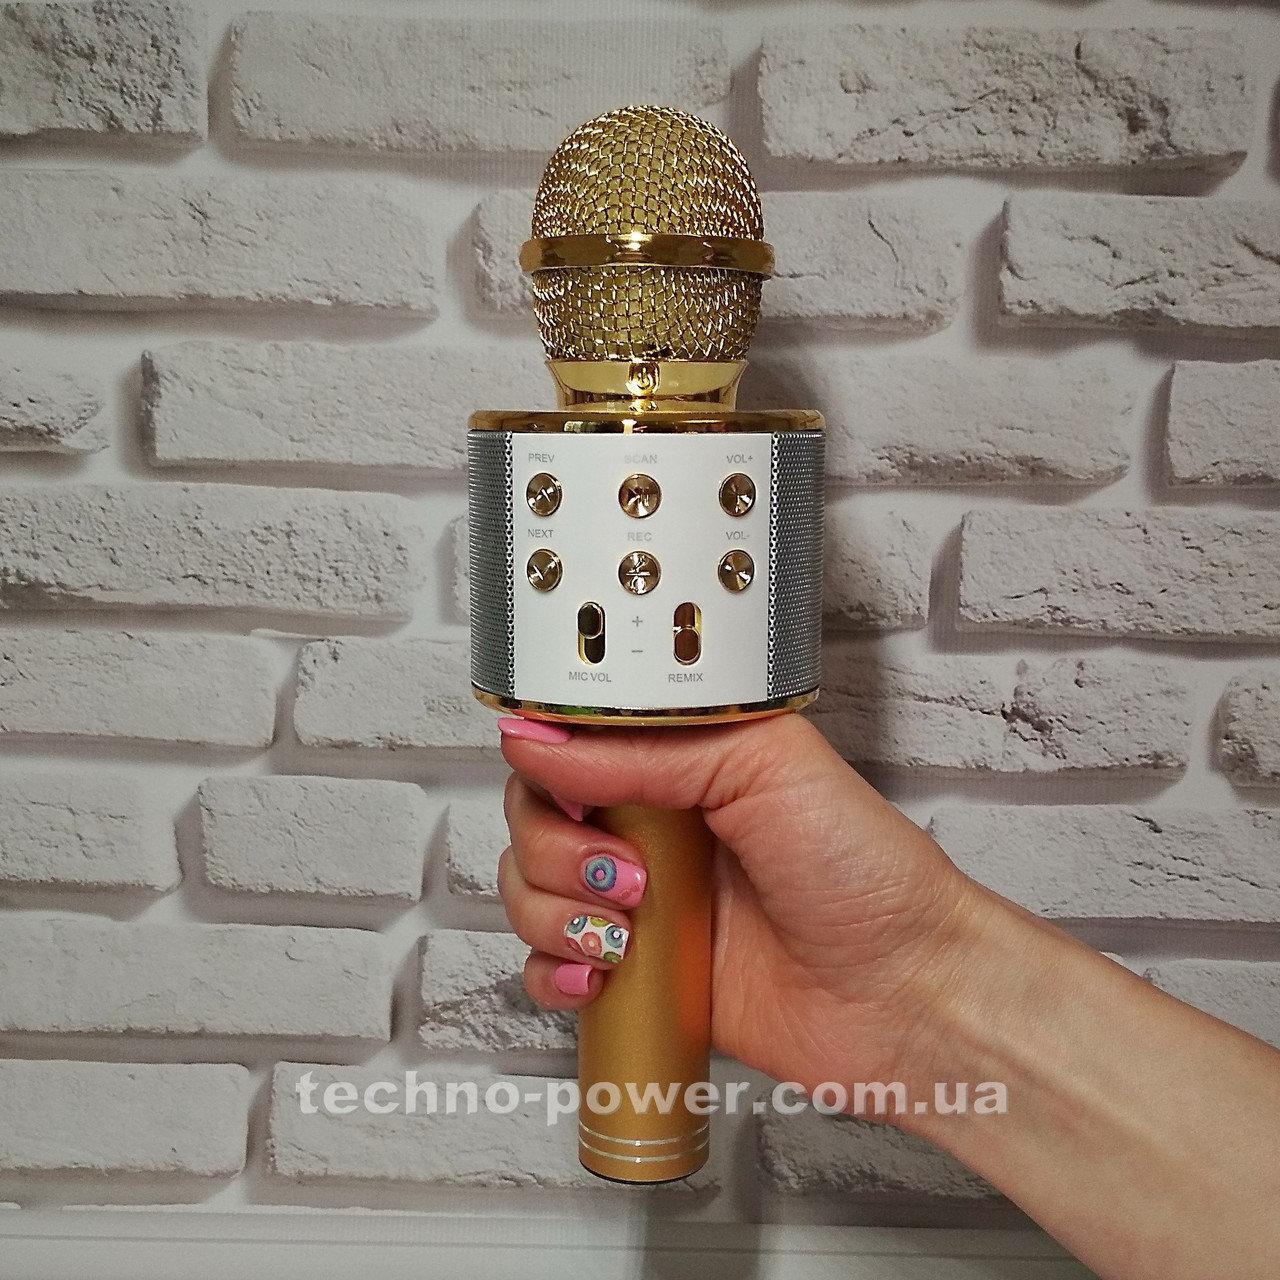 Караоке-микрофон bluetooth WS858 Золото. Портативный блютуз караоке микрофон